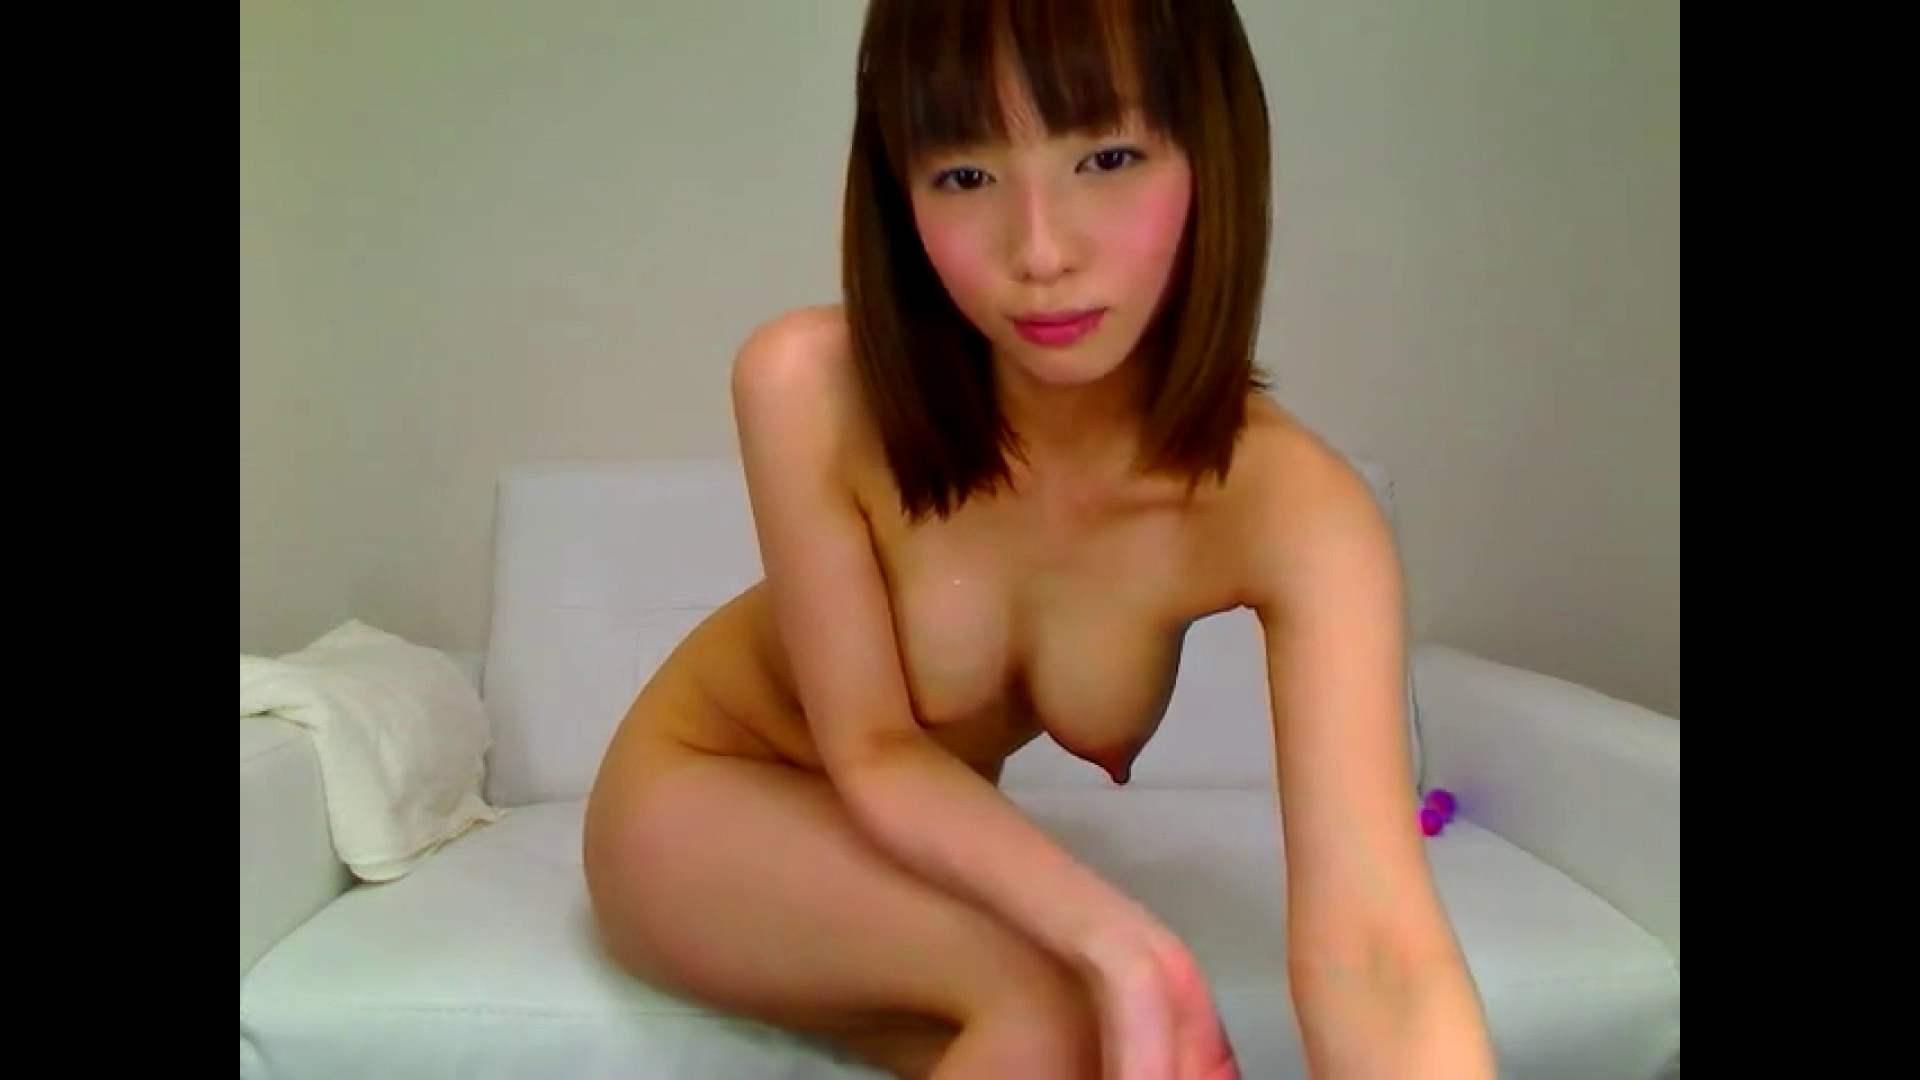 ライブチャットオナニー覗きvol.01 ギャルのエロ動画  102PIX 84